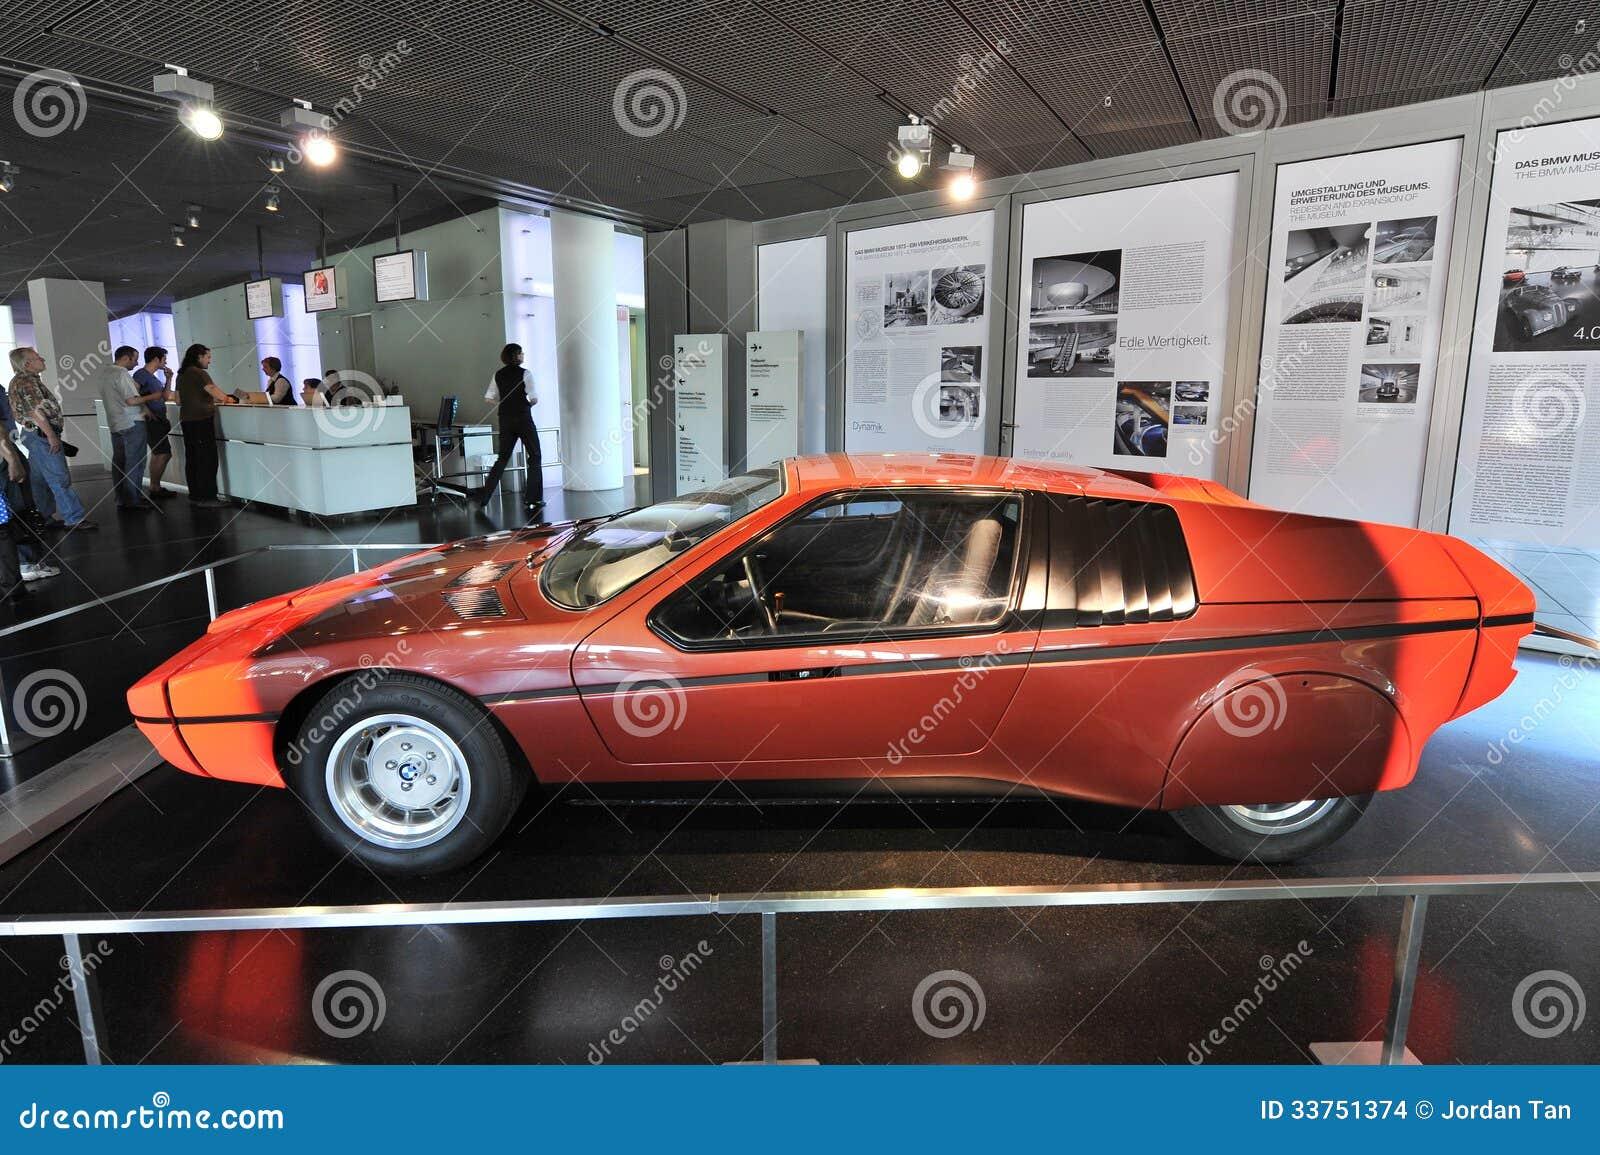 BMW E25 Turbo Concept Car Built As A Celebration For 1972 Summer ...